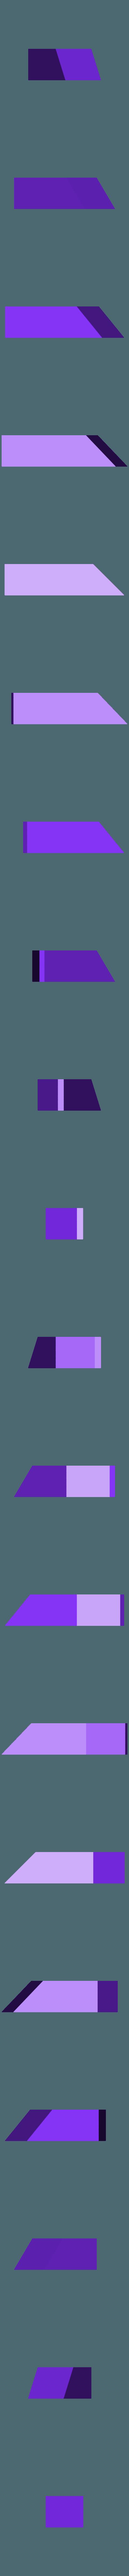 String End v1.stl Télécharger fichier STL gratuit Le casse-tête du paracord perplexe • Modèle pour imprimante 3D, PrecisionPrintingTN